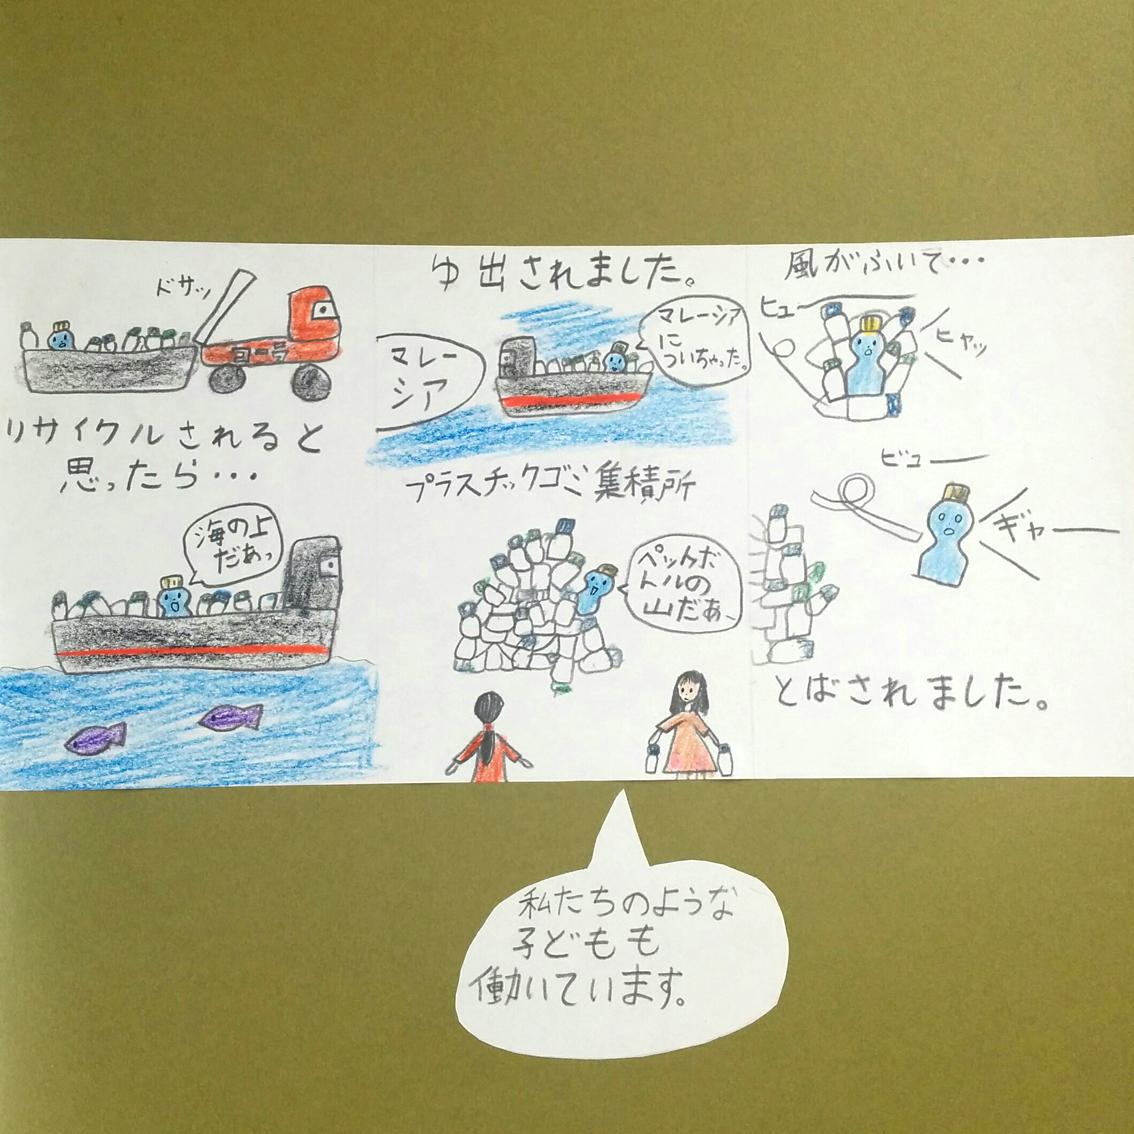 f:id:haruya-oyako:20210830102526j:plain